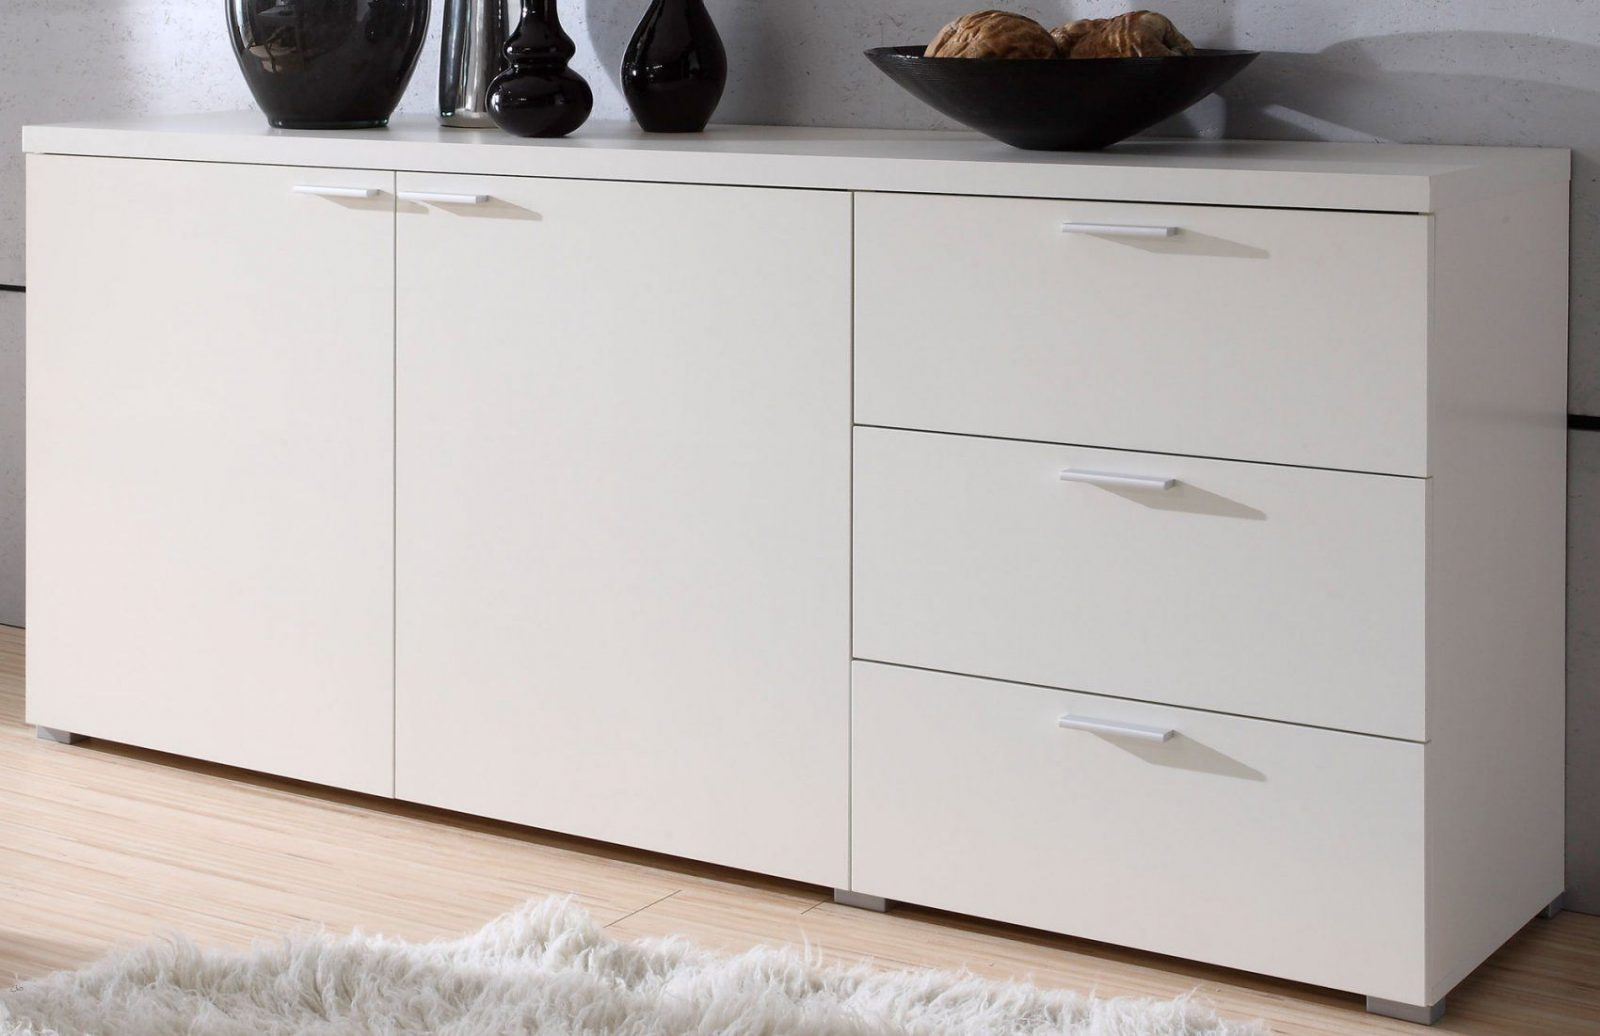 Schlafzimmer Kommode Weiß Grau | Garderoben Set Weiß Hochglanz ...